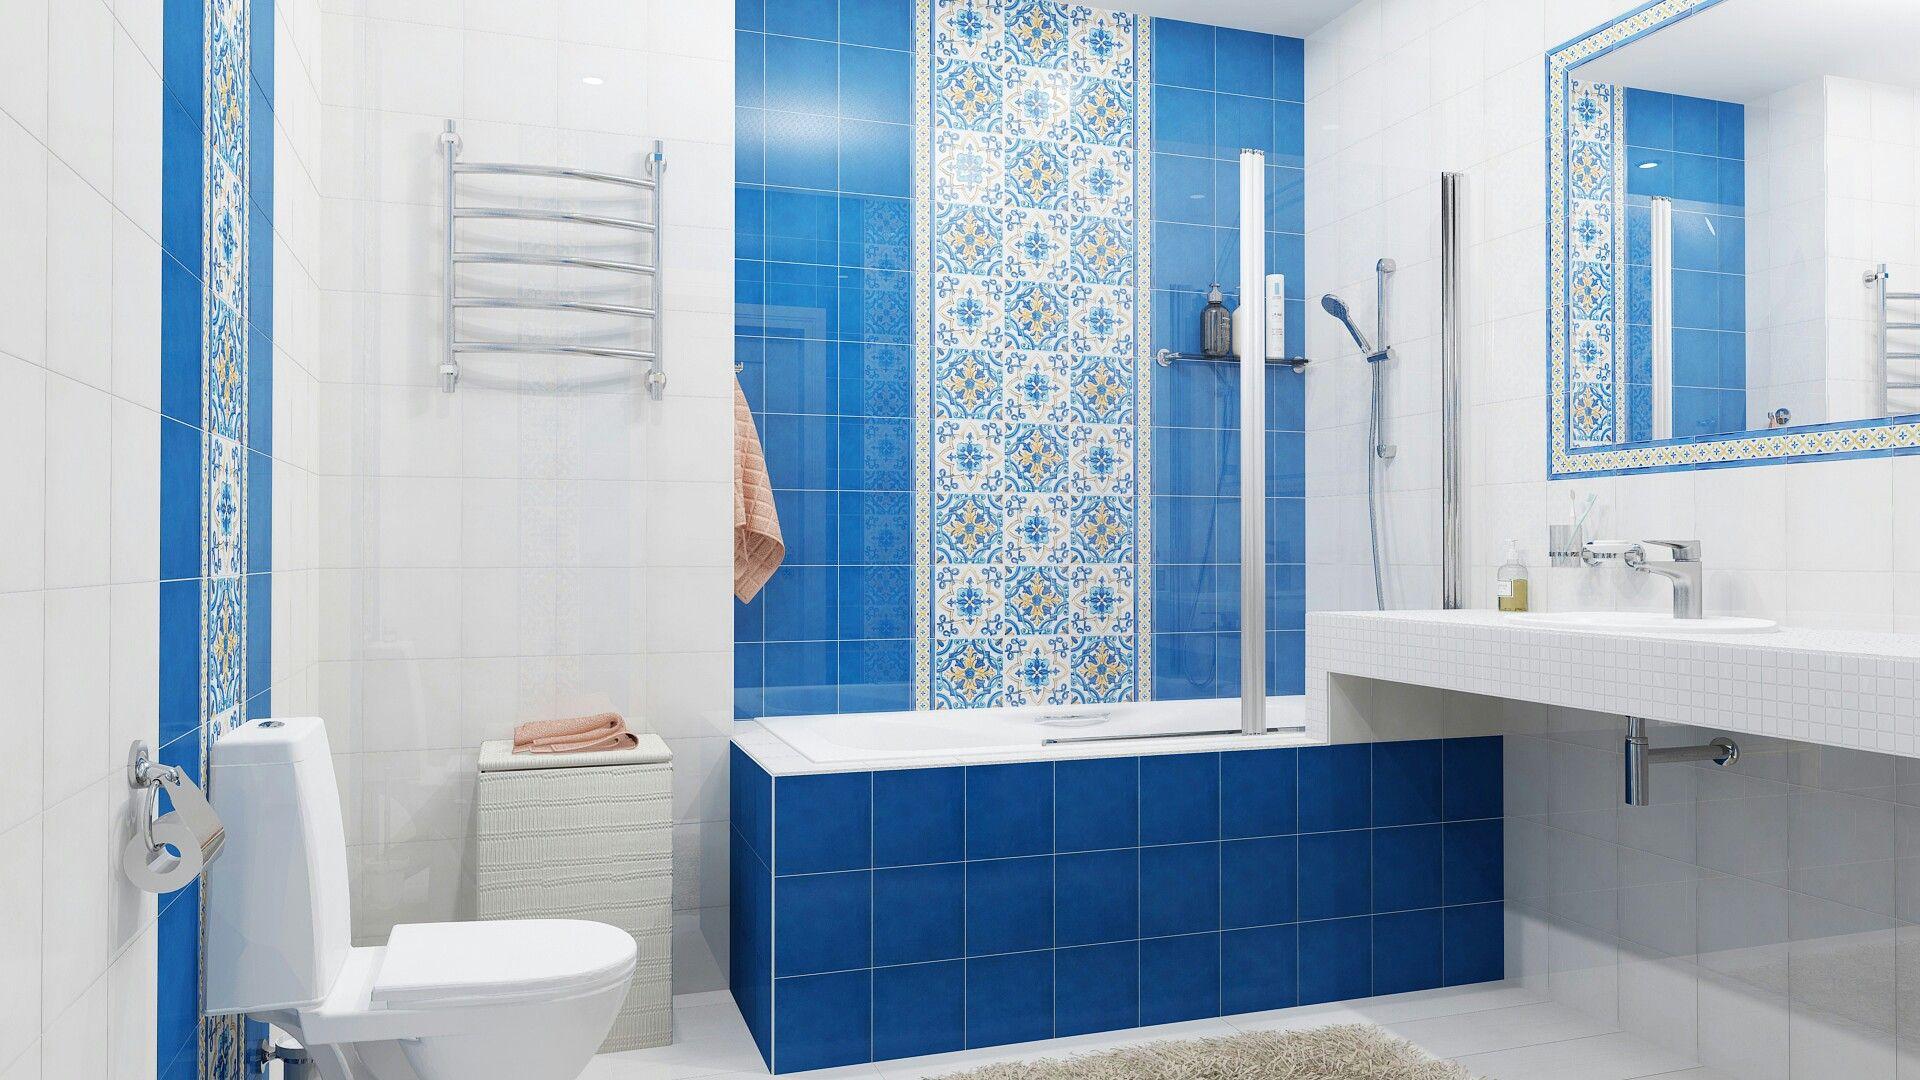 лучшее пока, мне кажется | Дизайн ванны, Уютная ванная ...